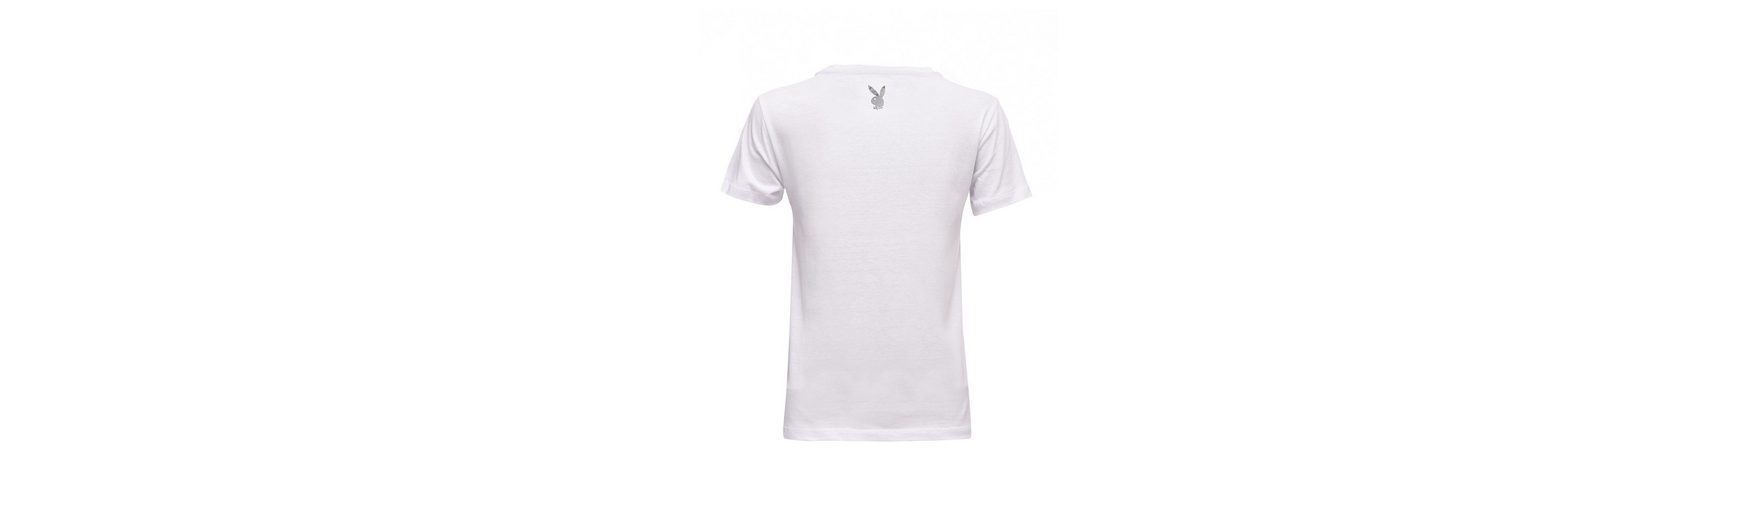 Playboy T-Shirt mit coolem Print Billige Neue Stile YA6G1